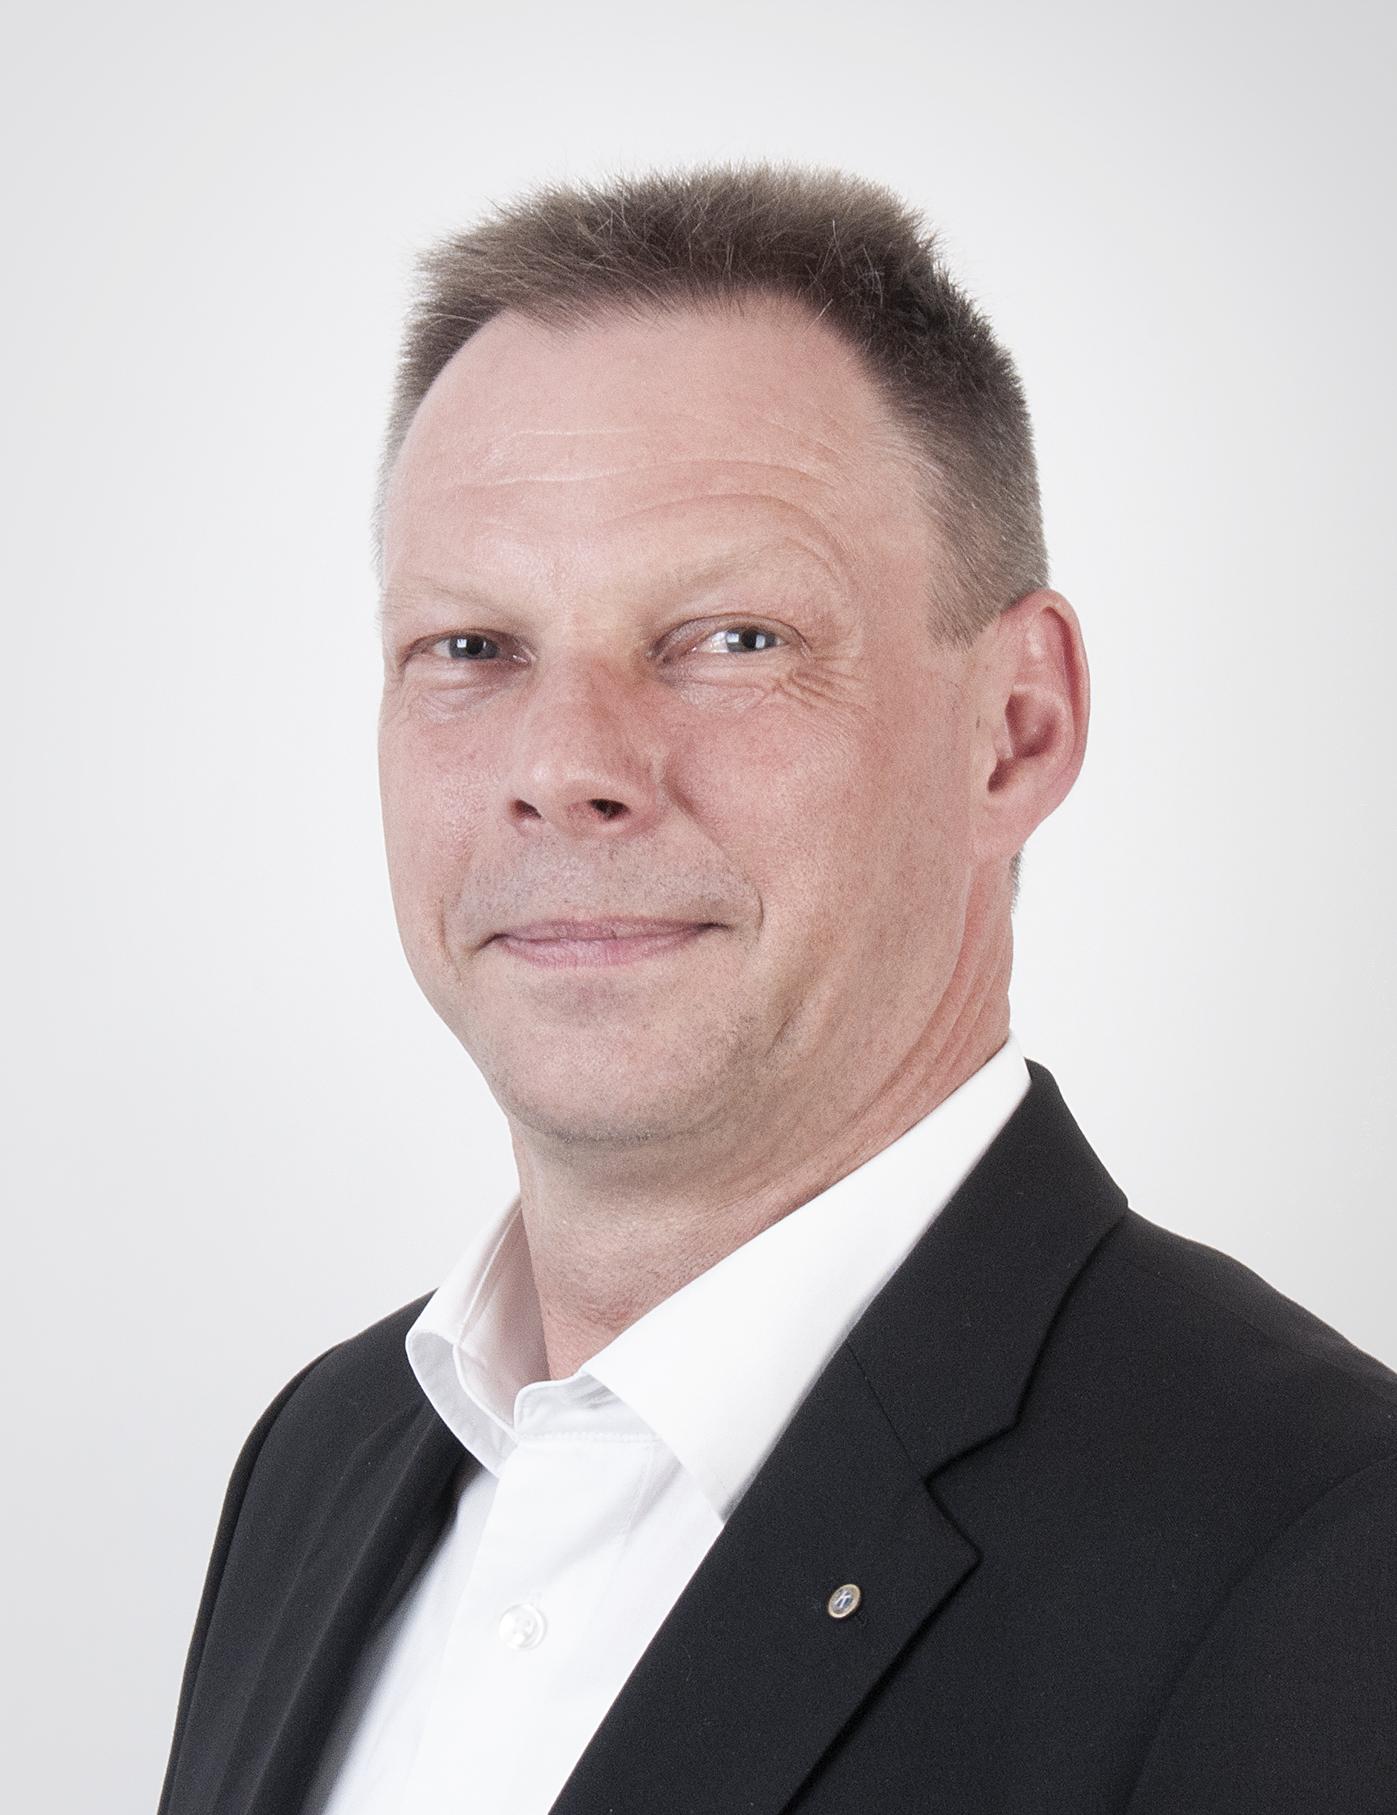 Frank Zitlau, Badenstedt